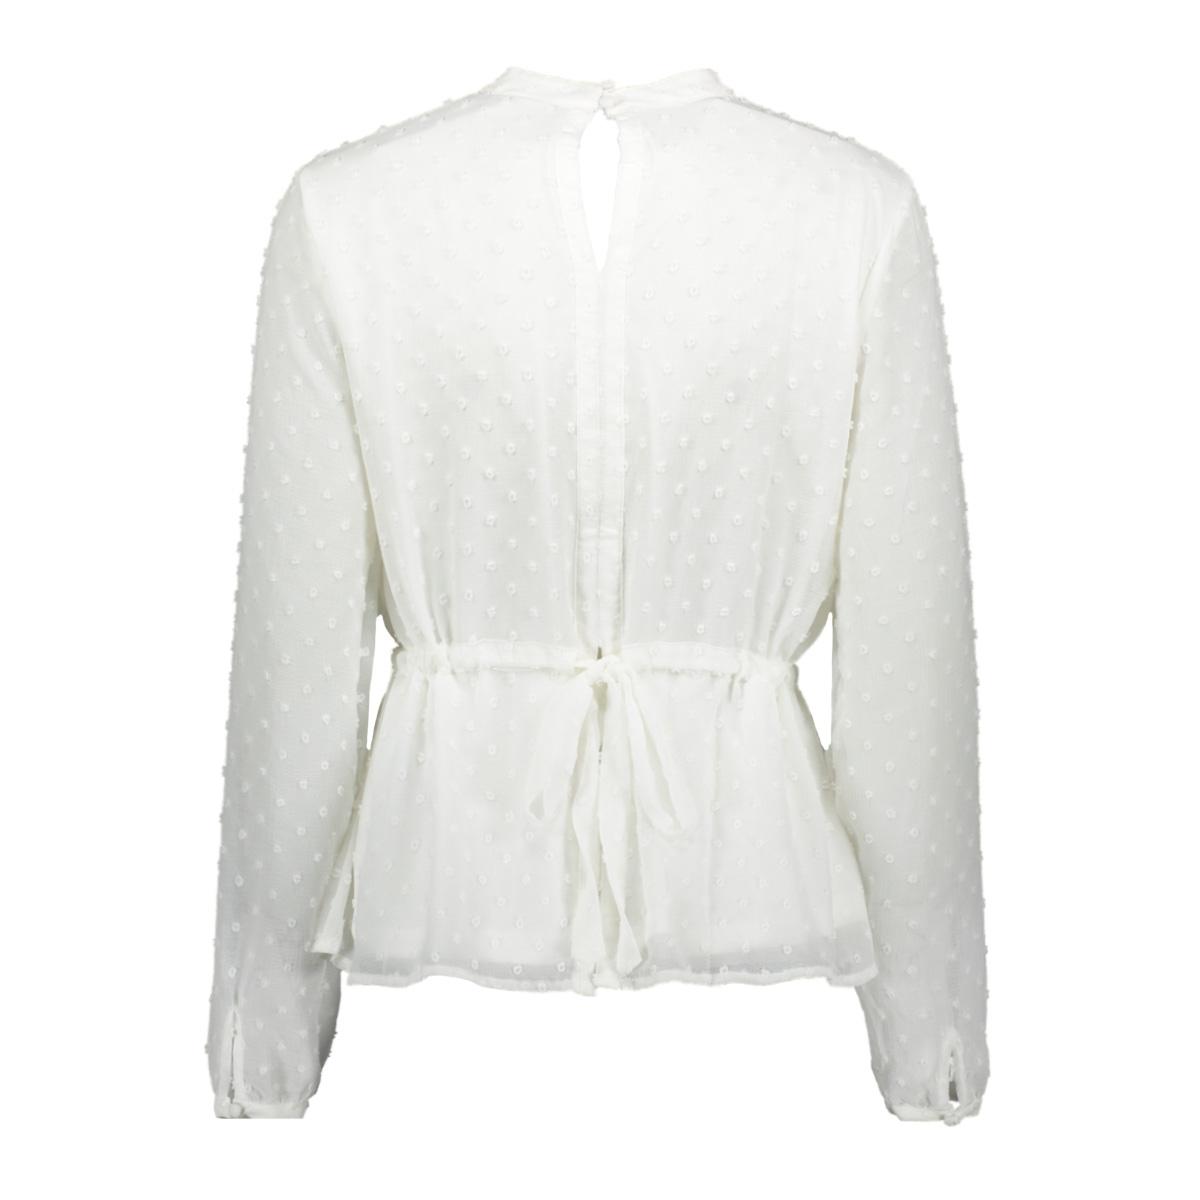 viroversa tie l/s top 14056738 vila blouse whisper white